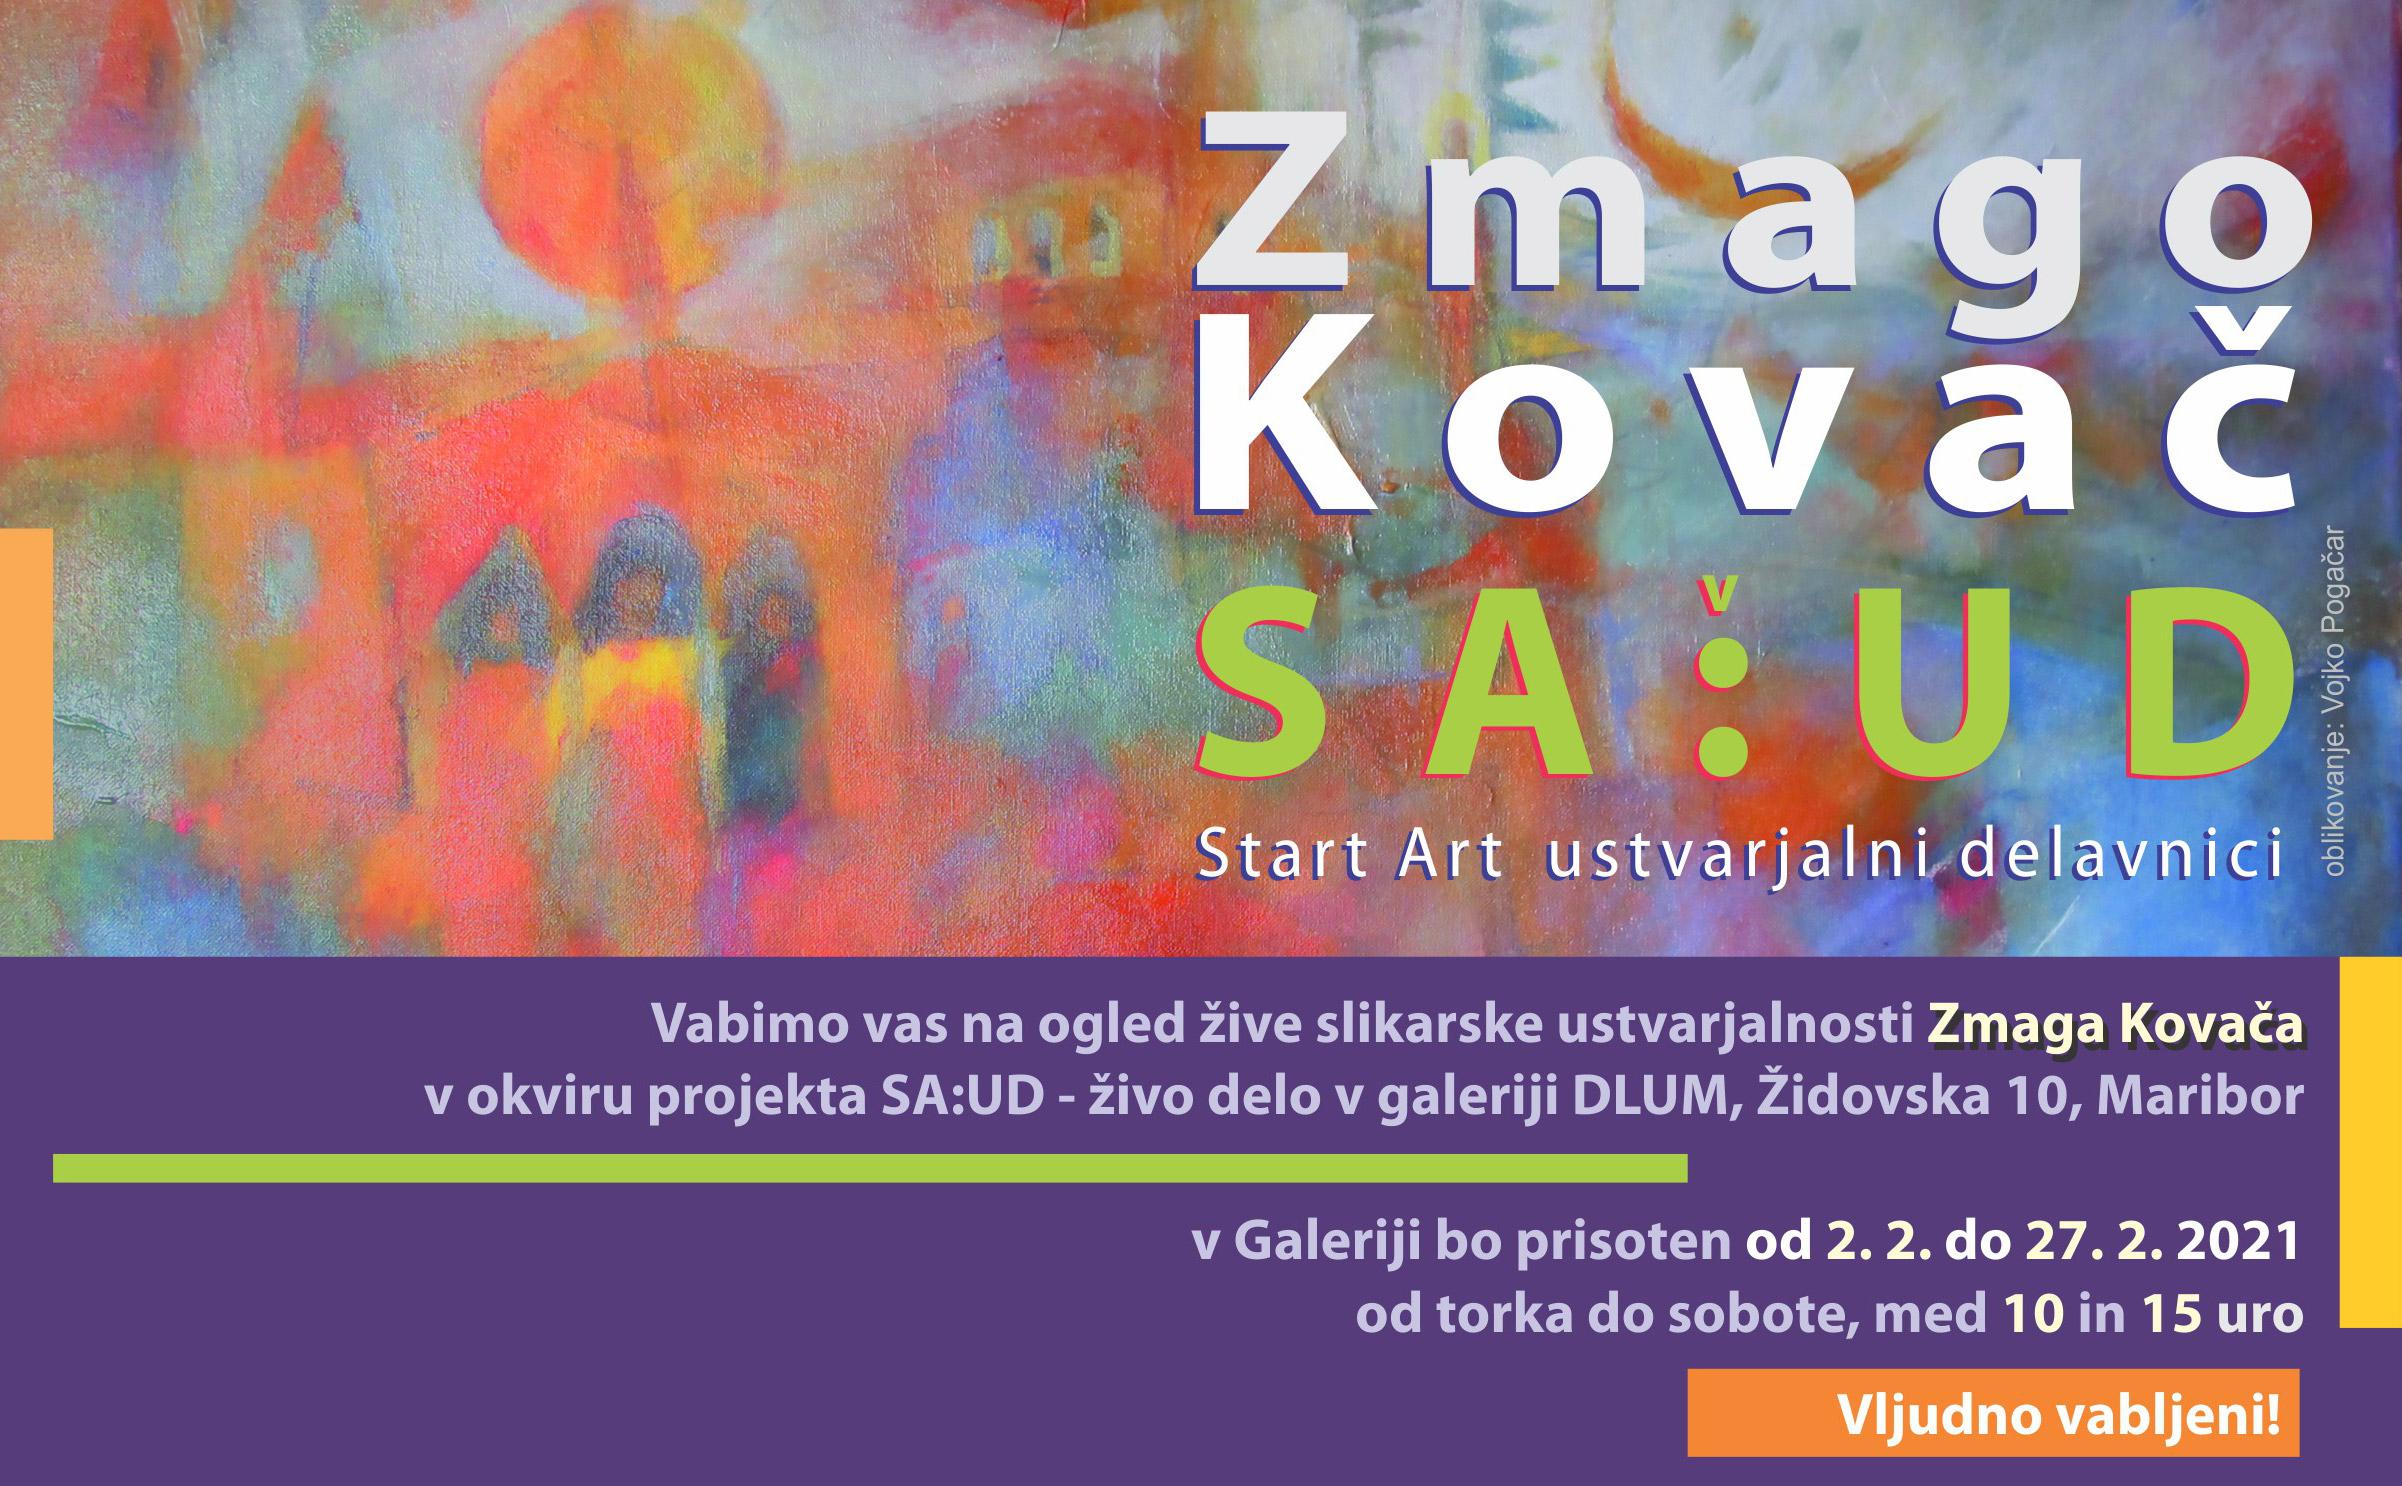 Vab-A5-Kovač_1a.jpg